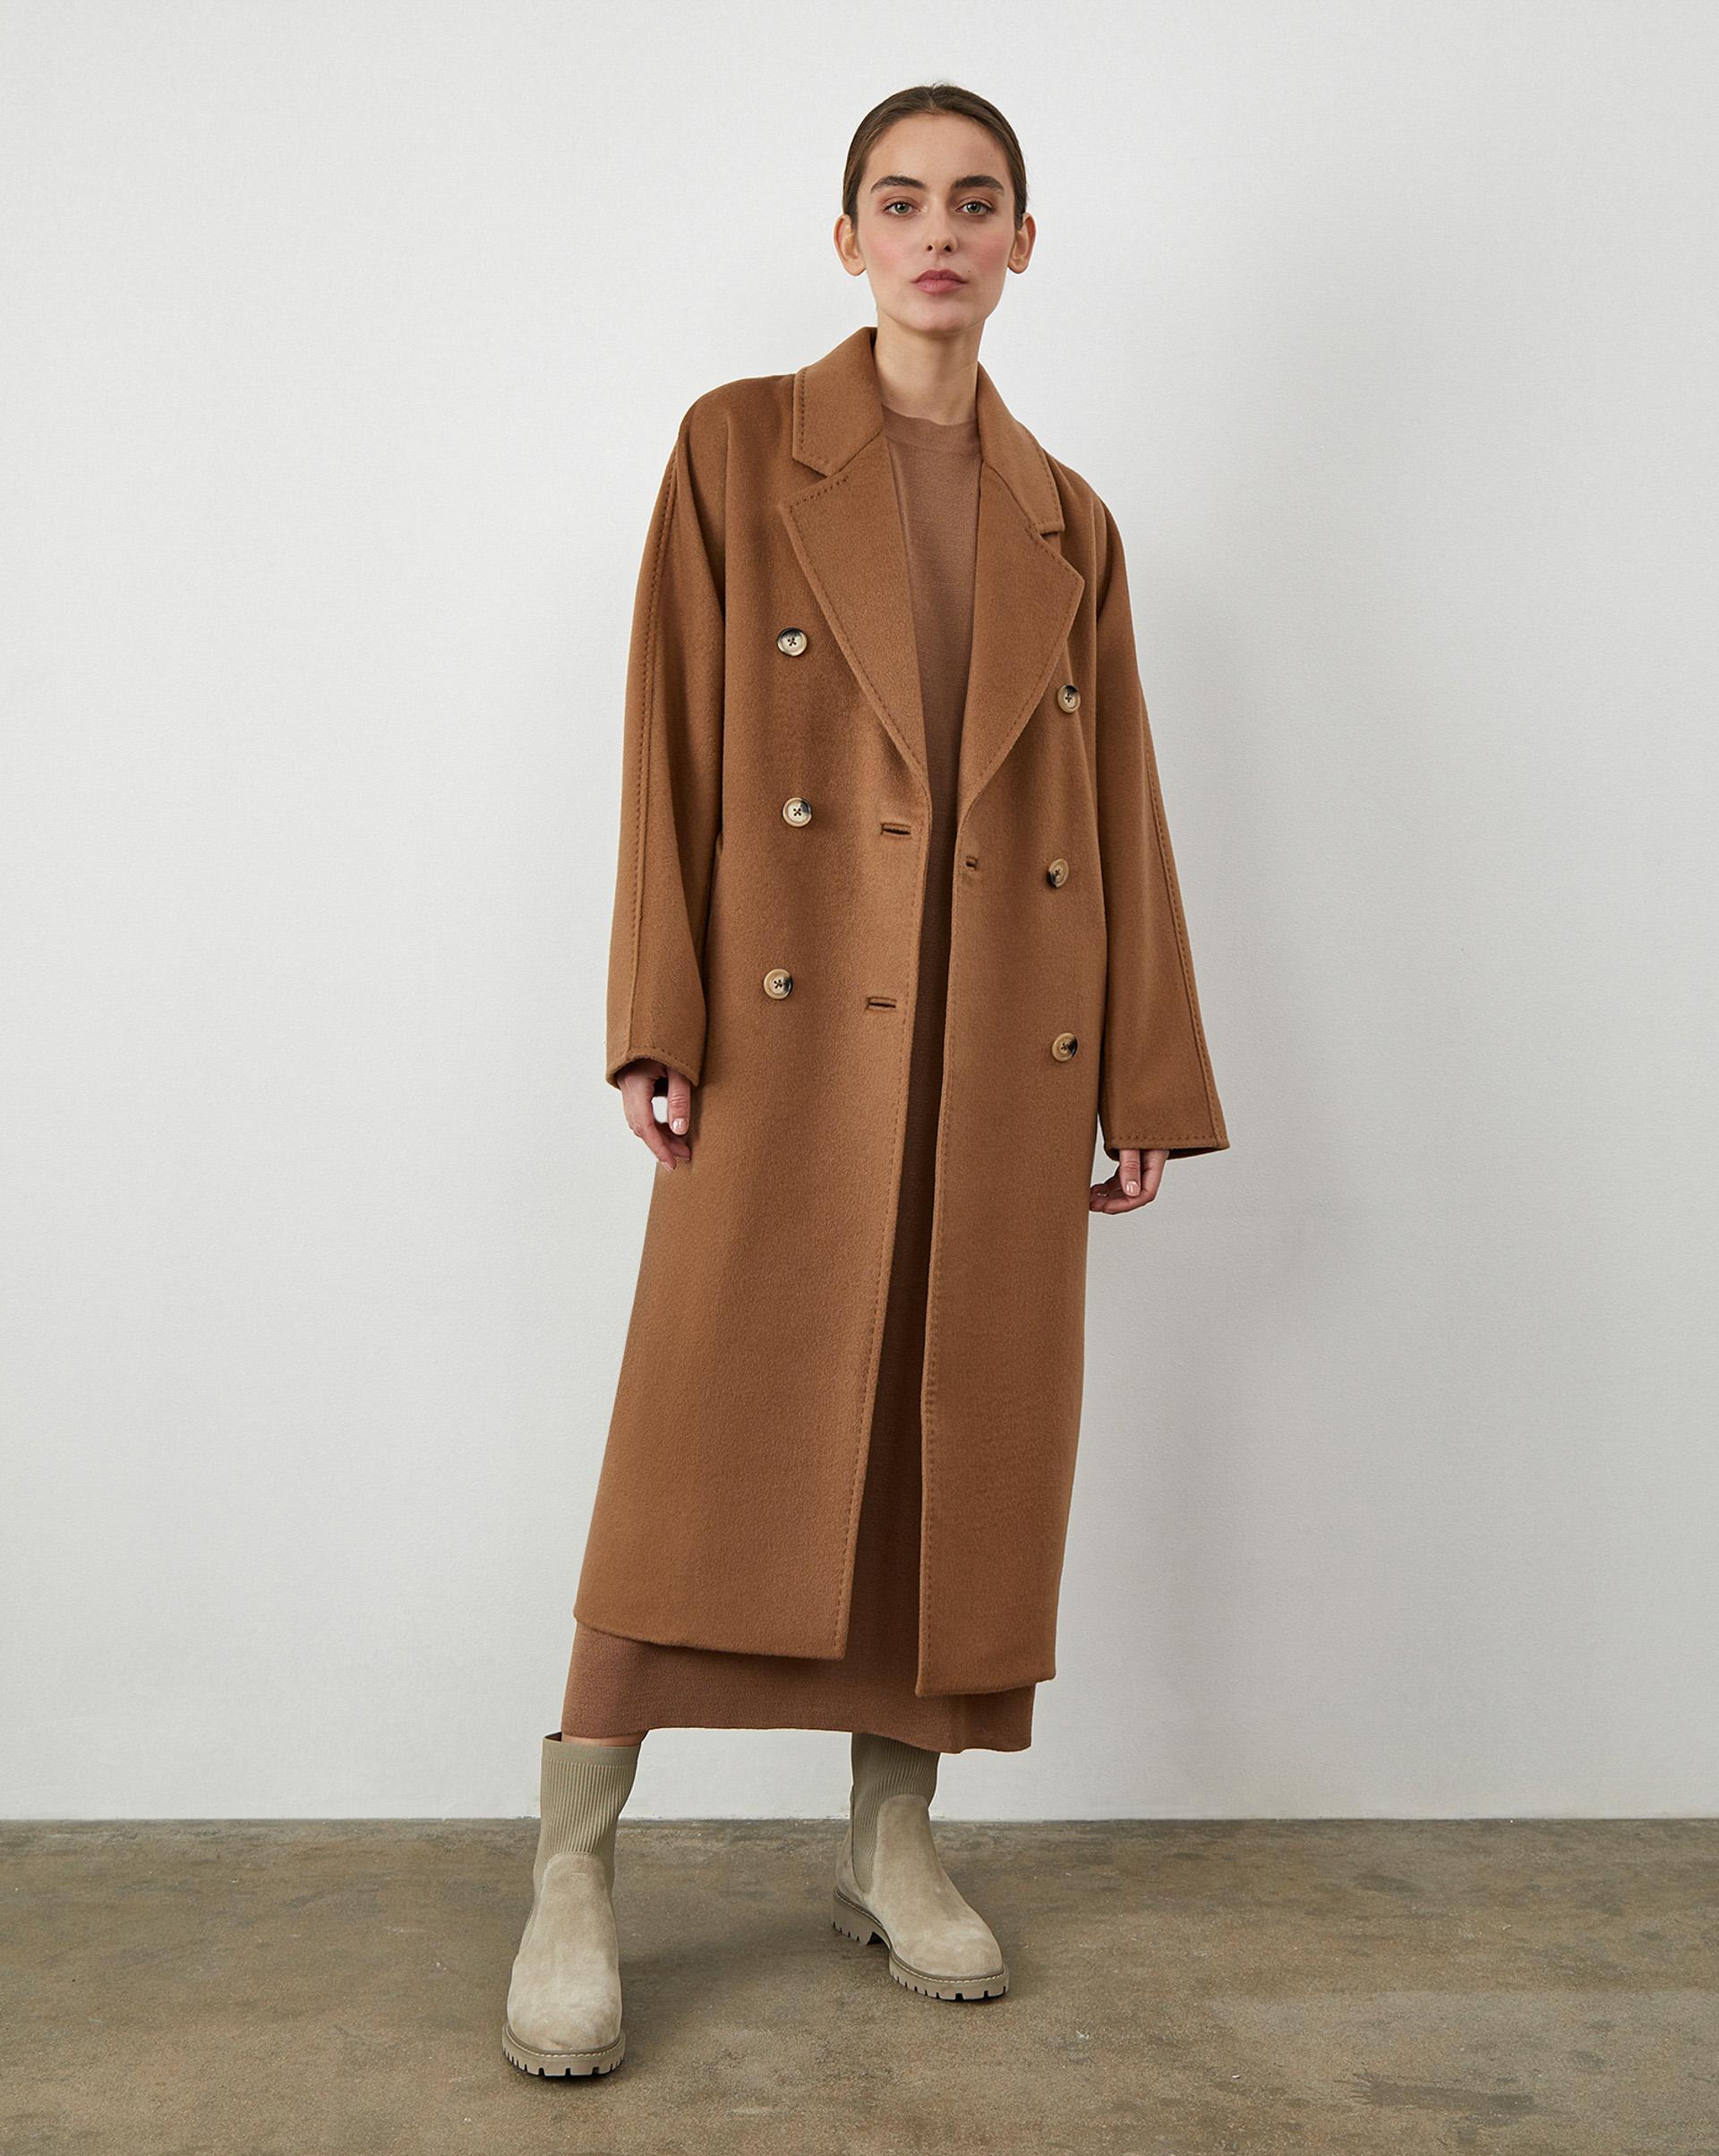 12⠀STOREEZ Пальто двубортное, на поясе 12⠀storeez пальто двубортное на поясе